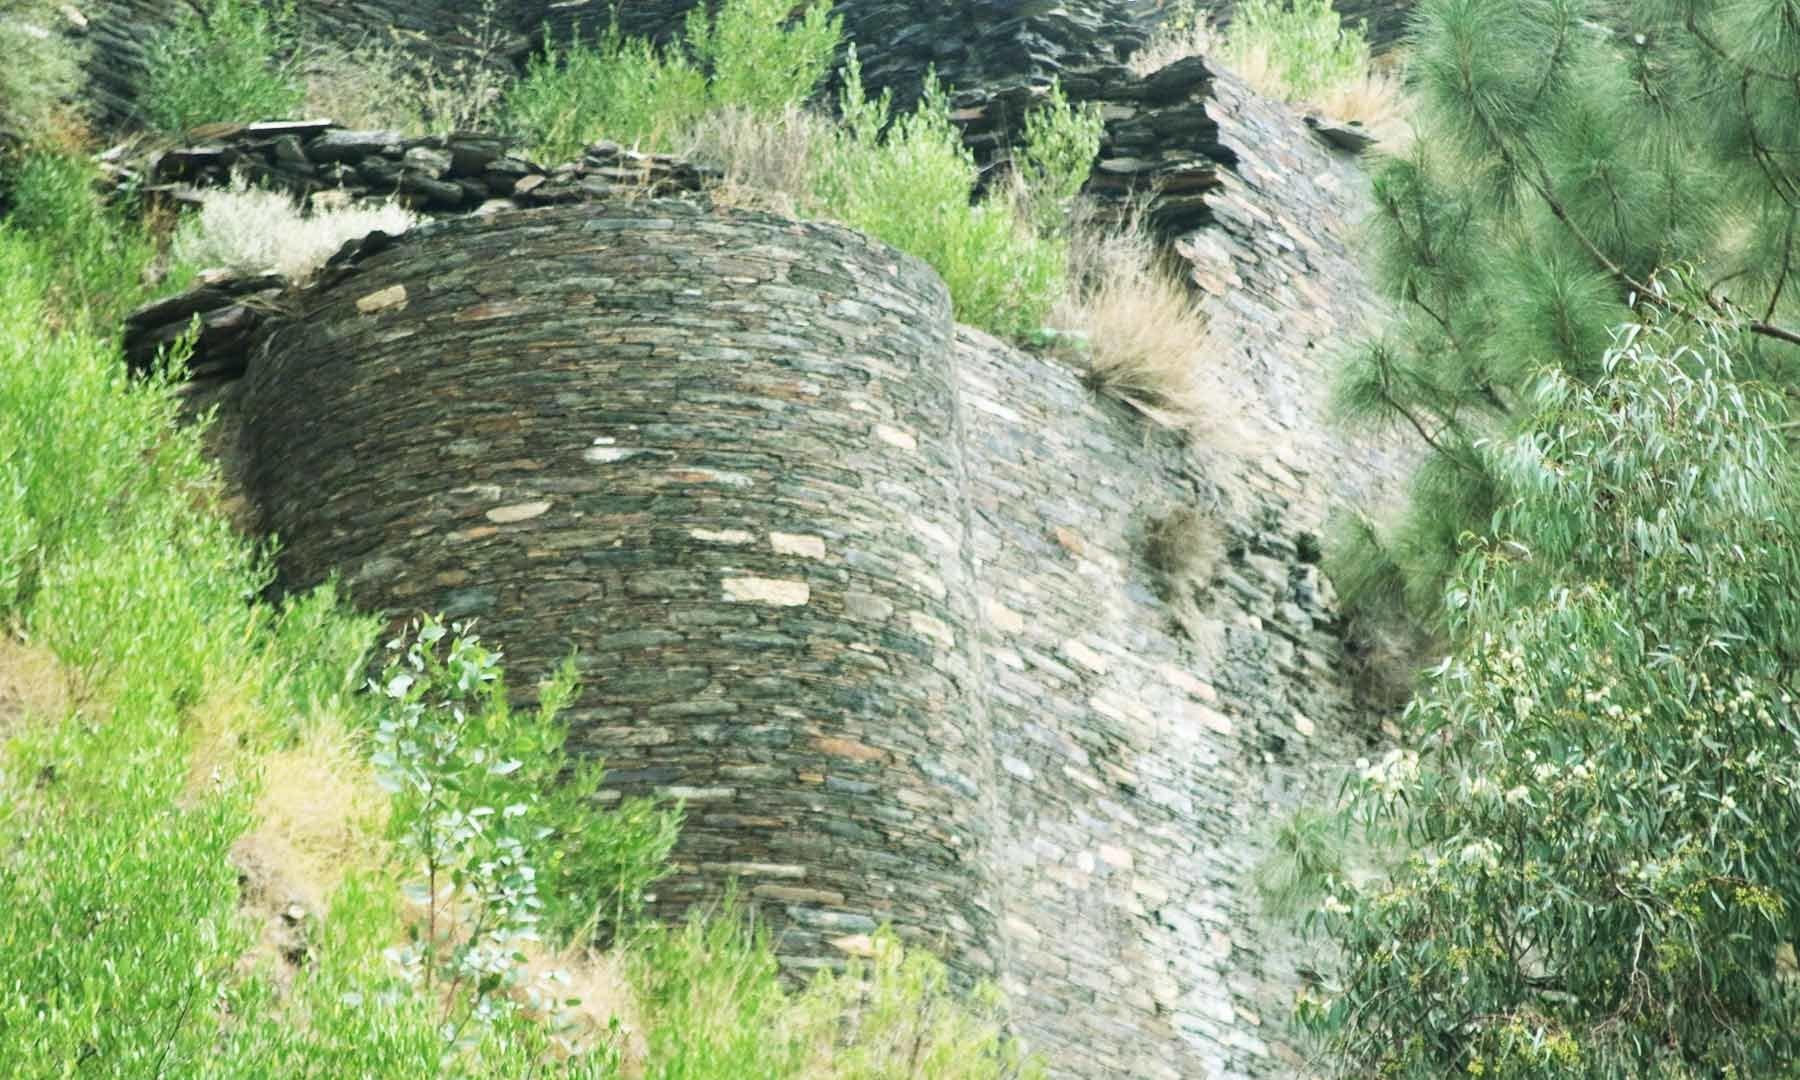 ایسے کئی برج ہیں جن کی مدد سے سیکڑوں سال بعد بھی قلعہ کے آثار باقی ہیں